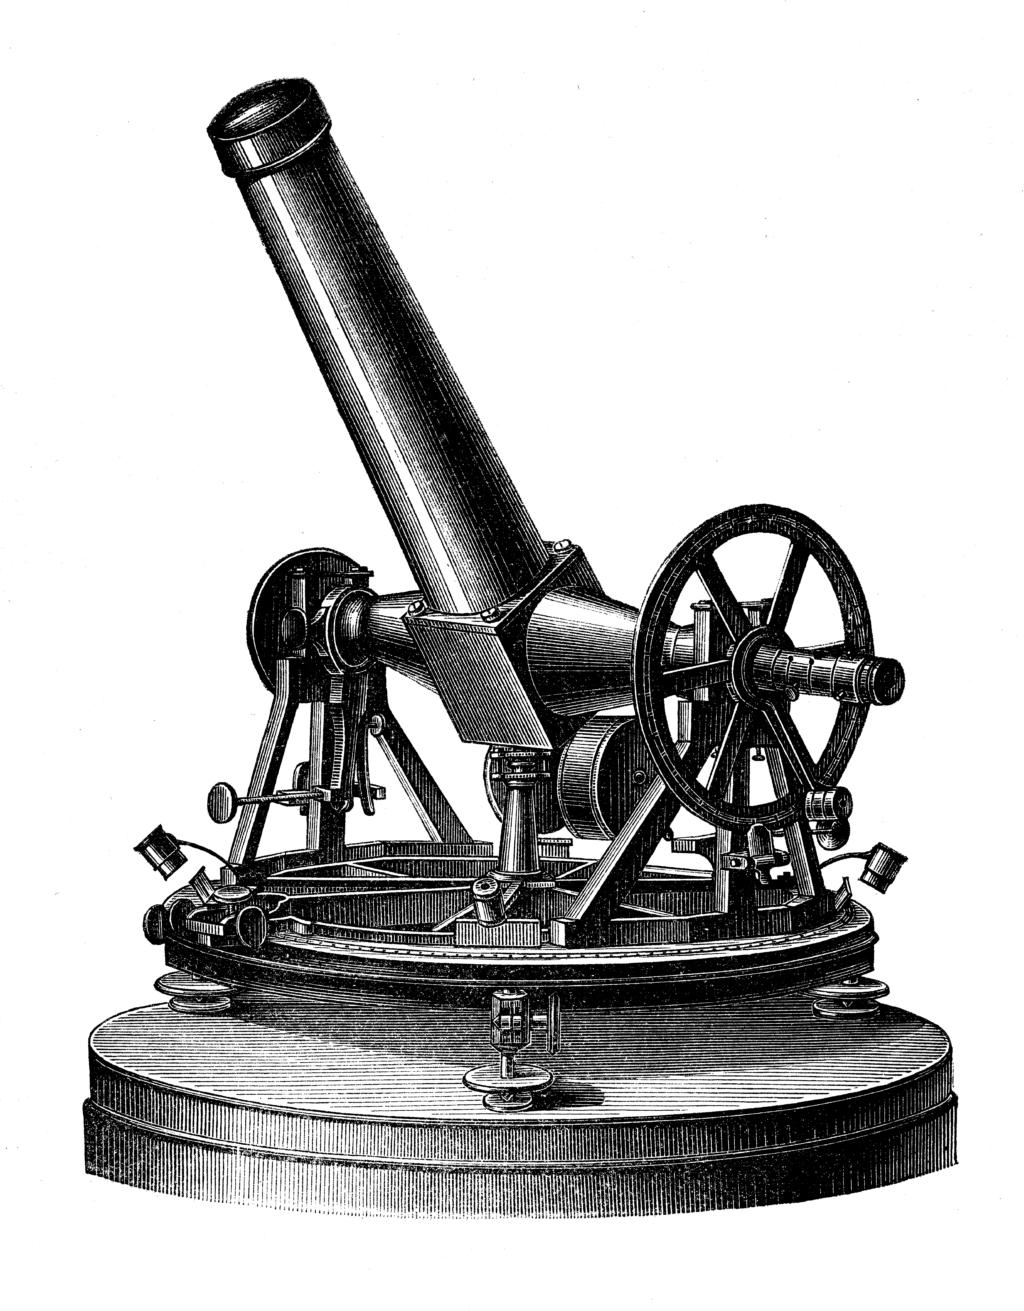 """Gerlings Passageinstrumt, Ertel & Sohn 1841, Reproduktion aus """"Astronomische Zeitbestimmungen, F. Melde 1876"""", mit freundlicher Genehmigung der Hochschul- und Landesbibliothke Fulda."""